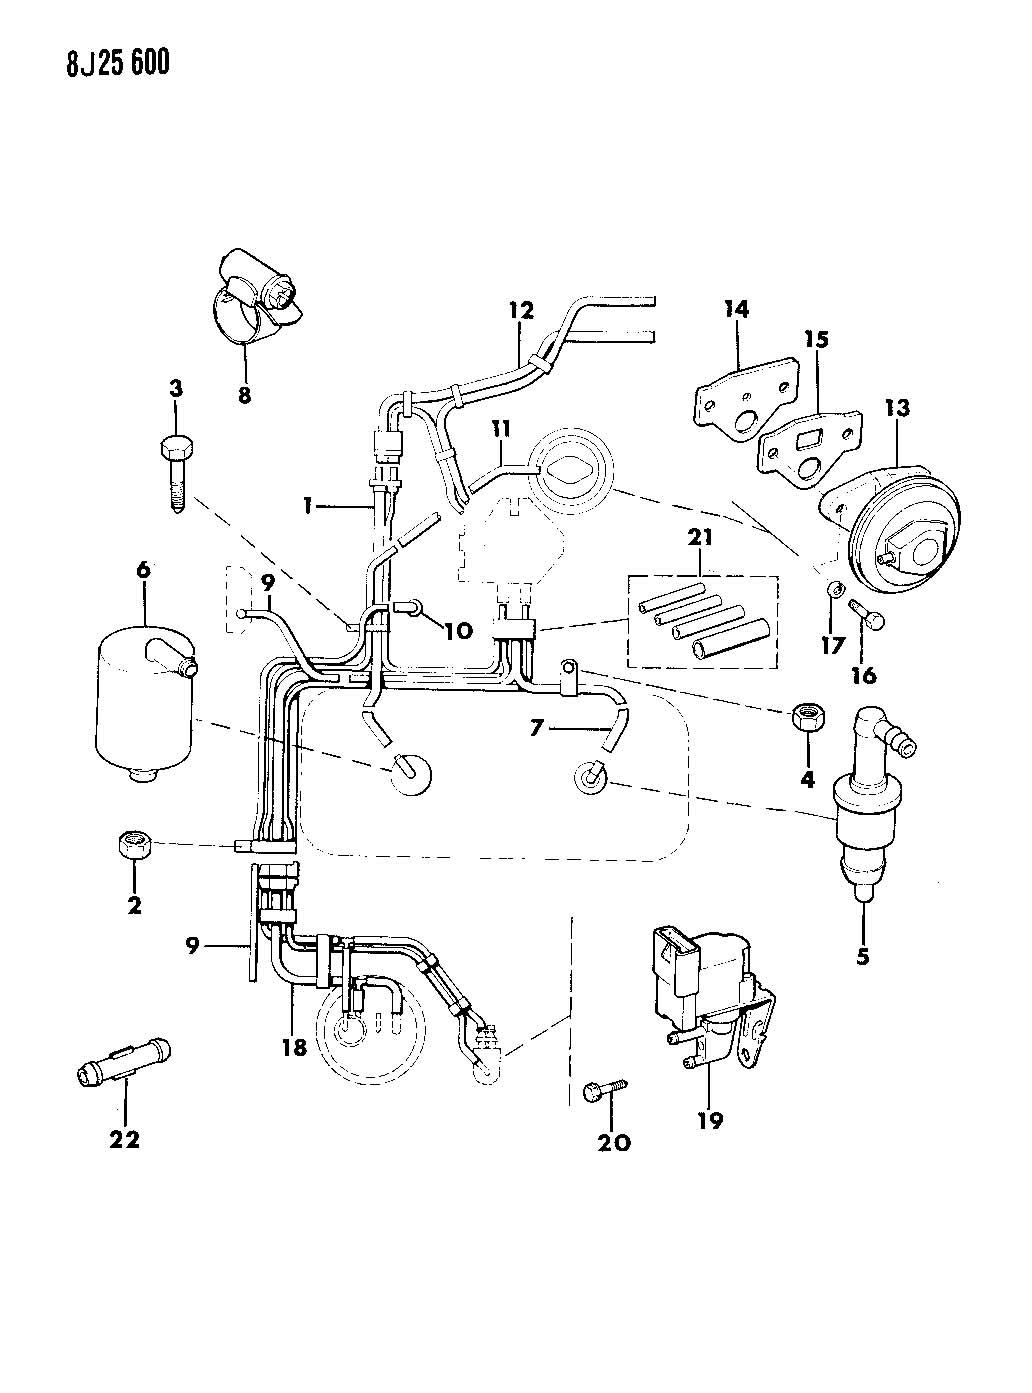 diagram besides 1987 jeep cherokee vacuum diagram on jeep 1987 yj